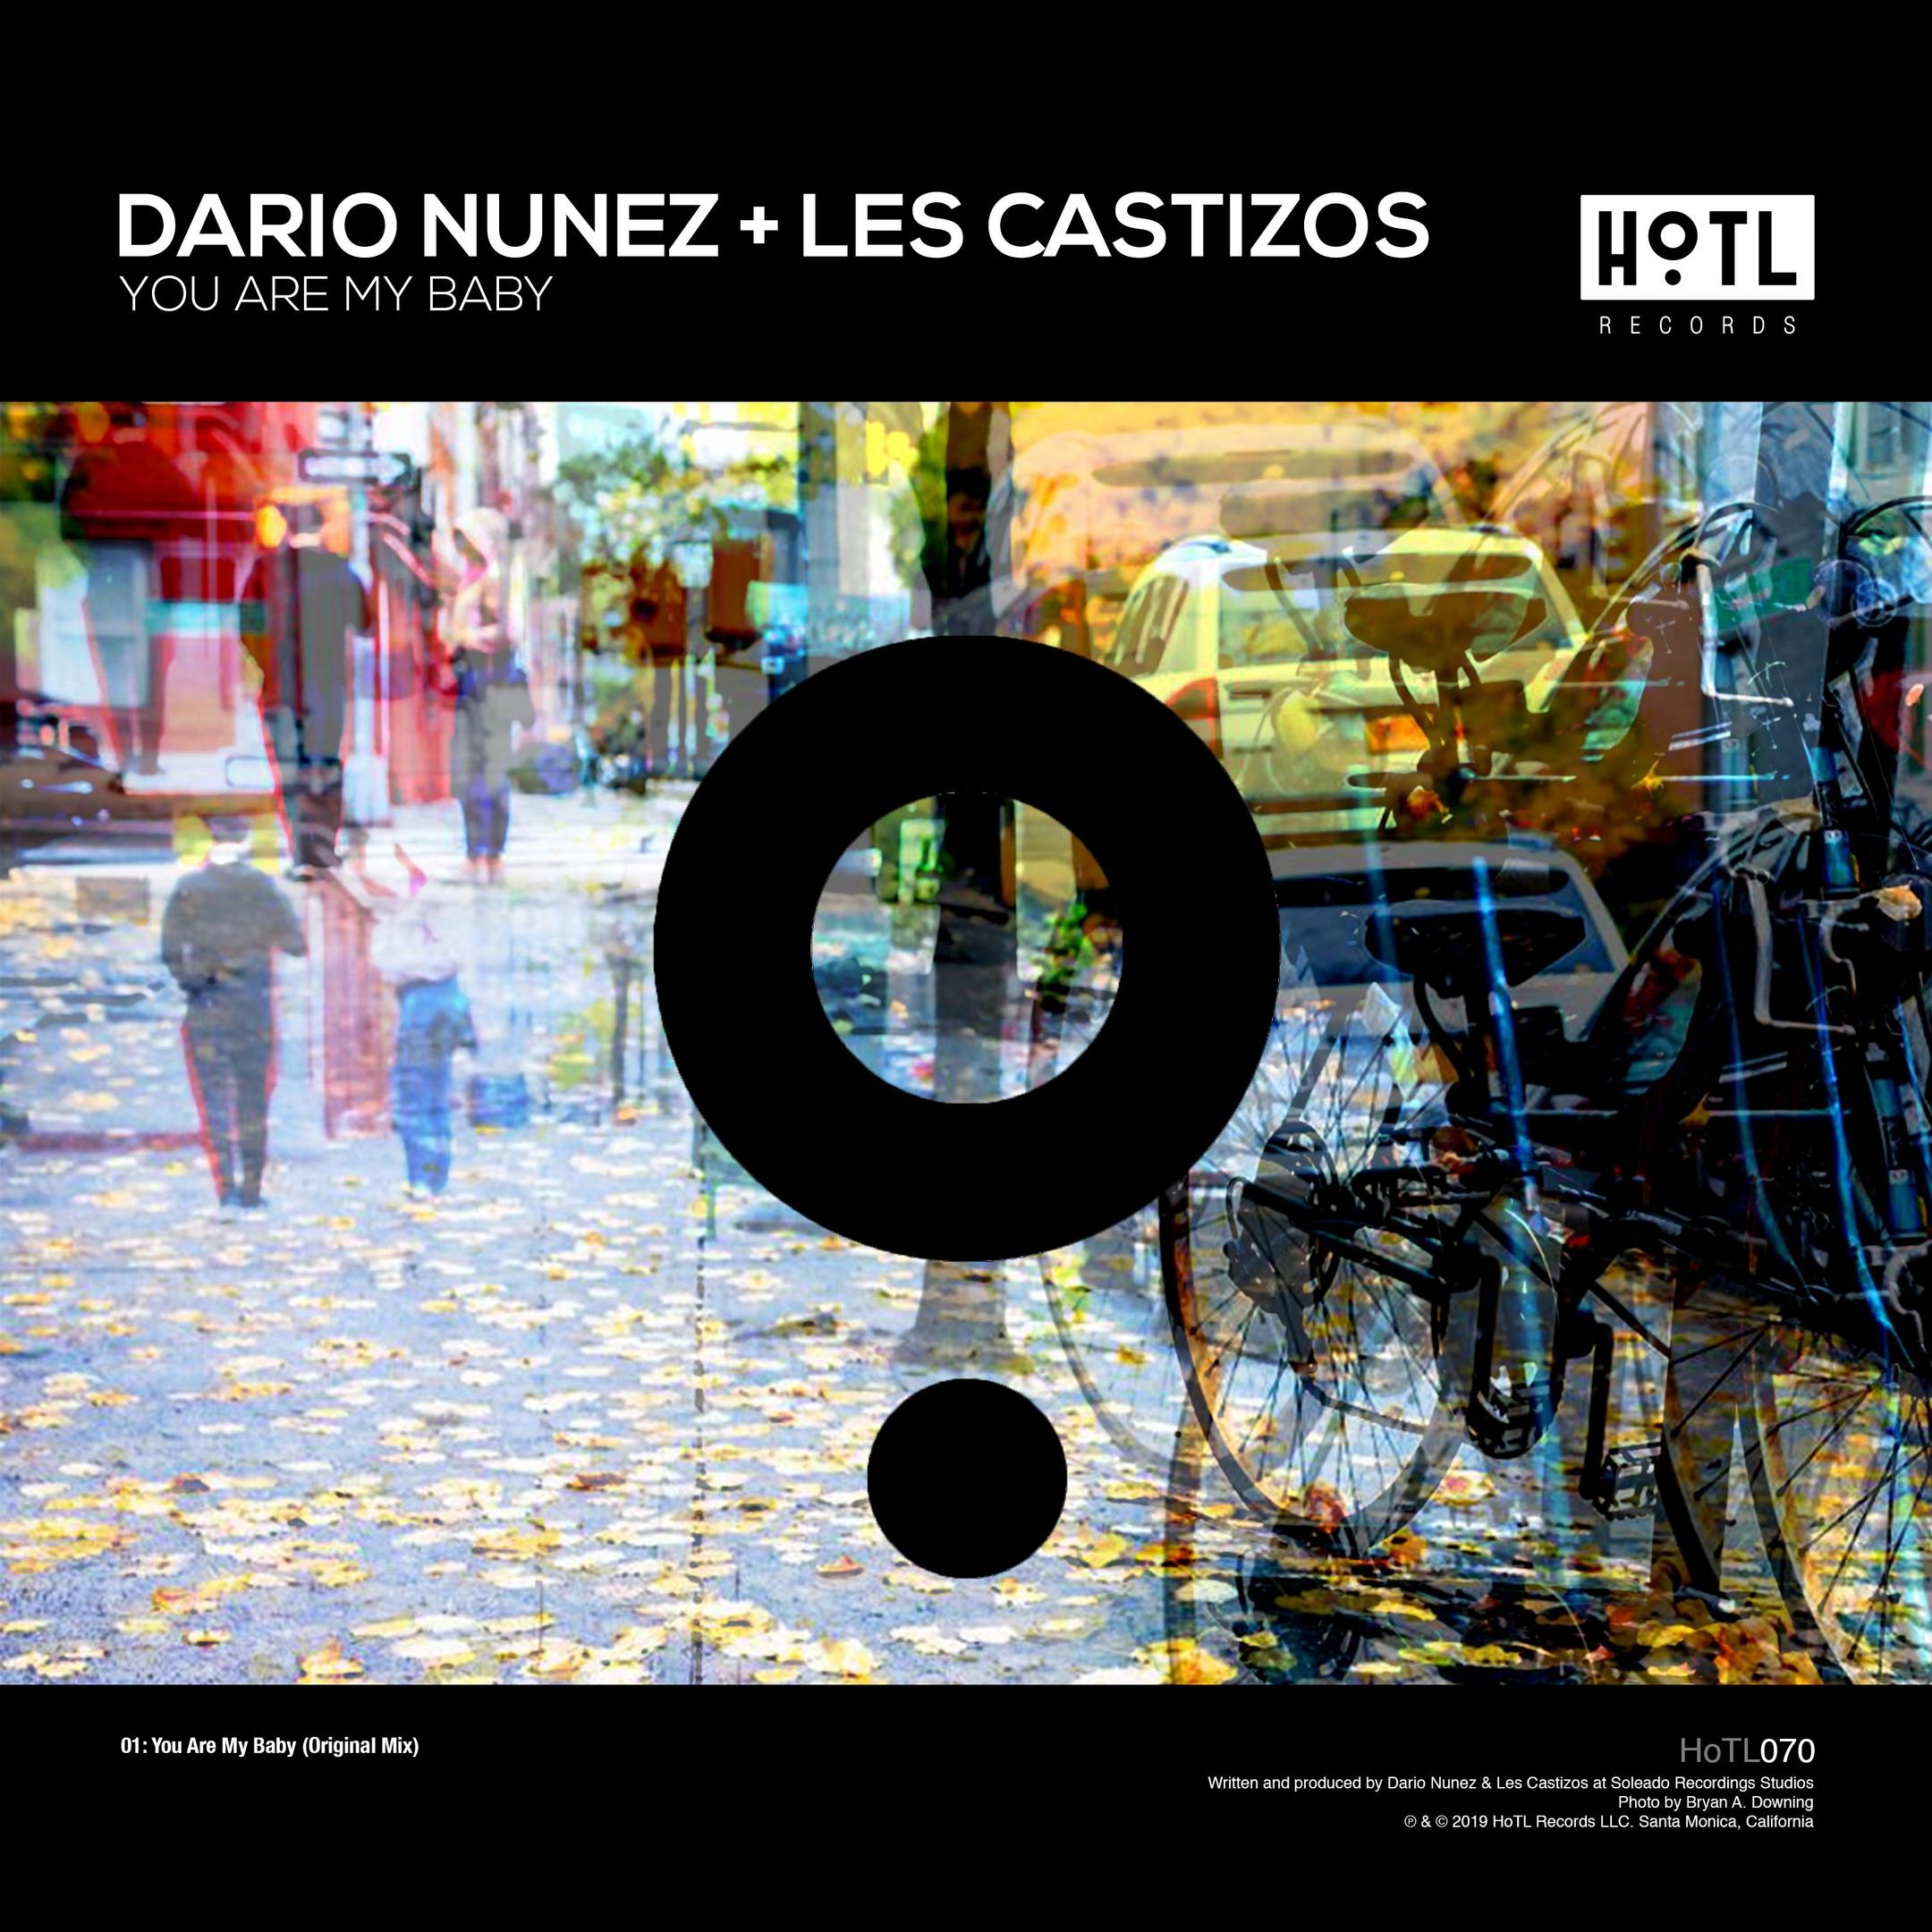 Dario Nunez & Les Castizos - You Are My Baby (Original Mix